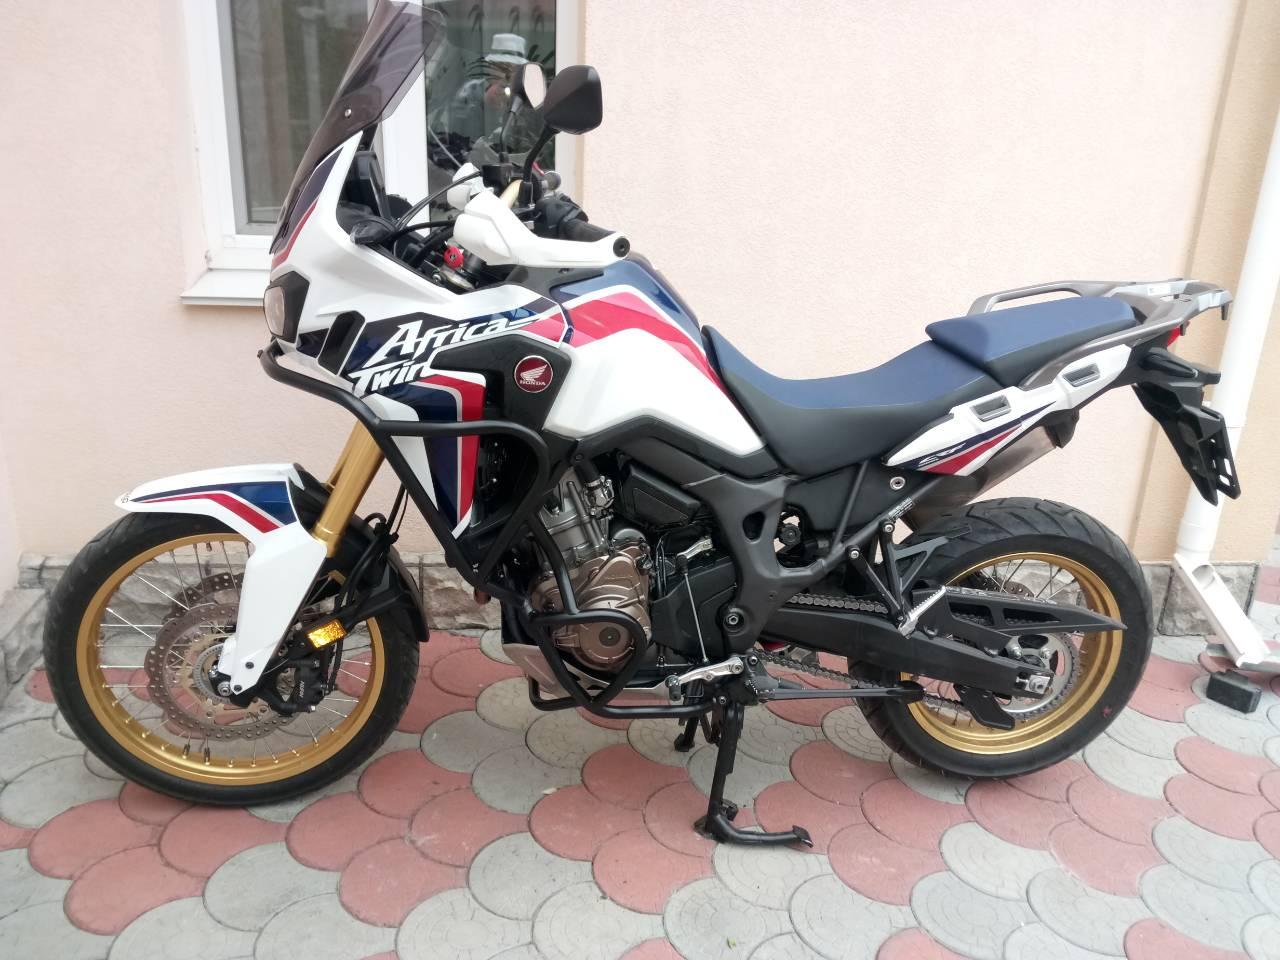 Продається мотоцикл ХОНДА АФРИКА ТВІН 1000.2017рік. Пробіг 7.700 км.